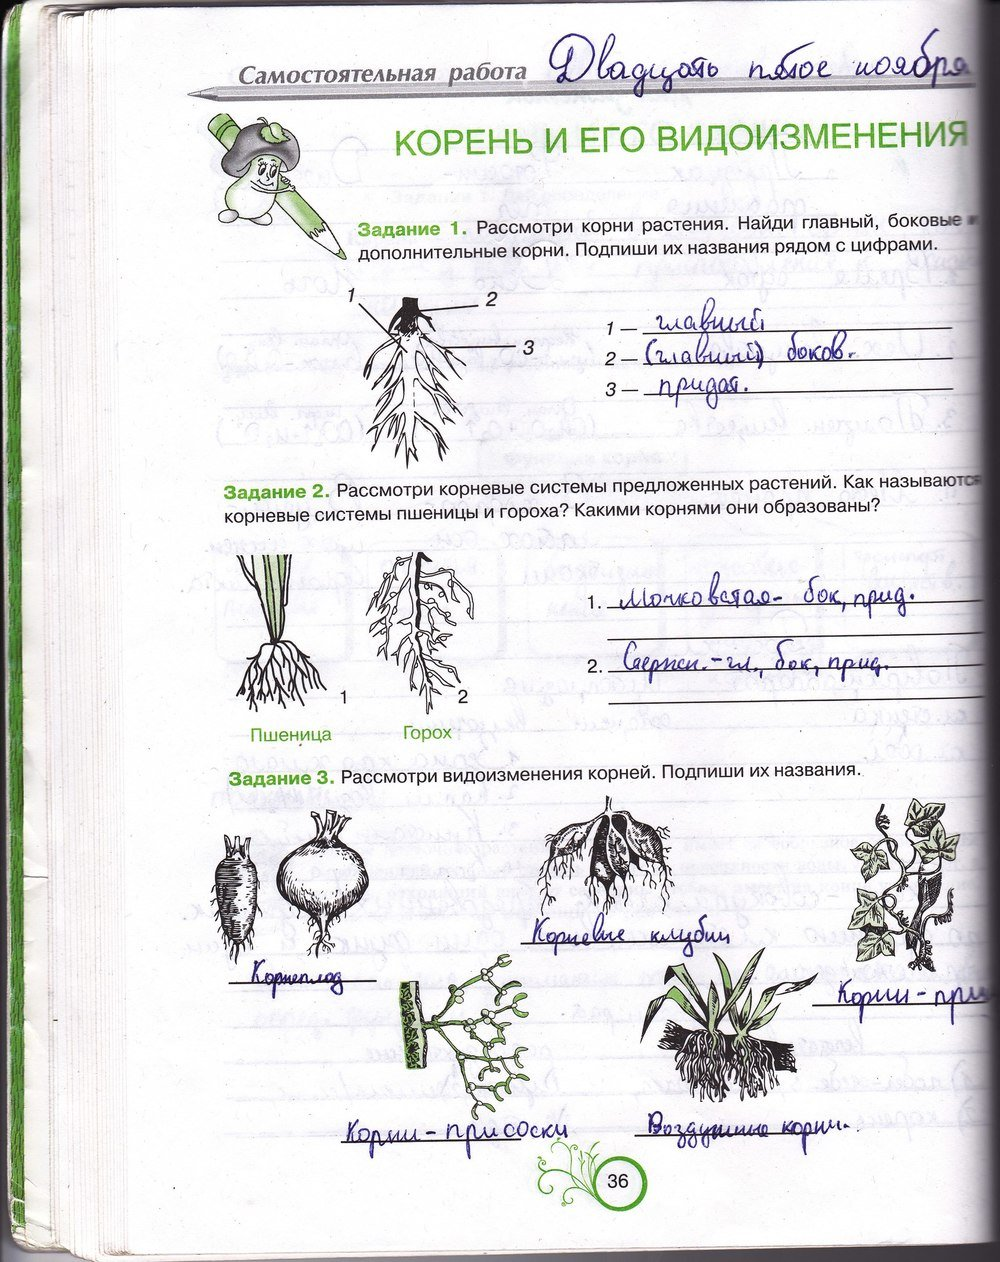 гдз по зошиту з биологии 6 класс